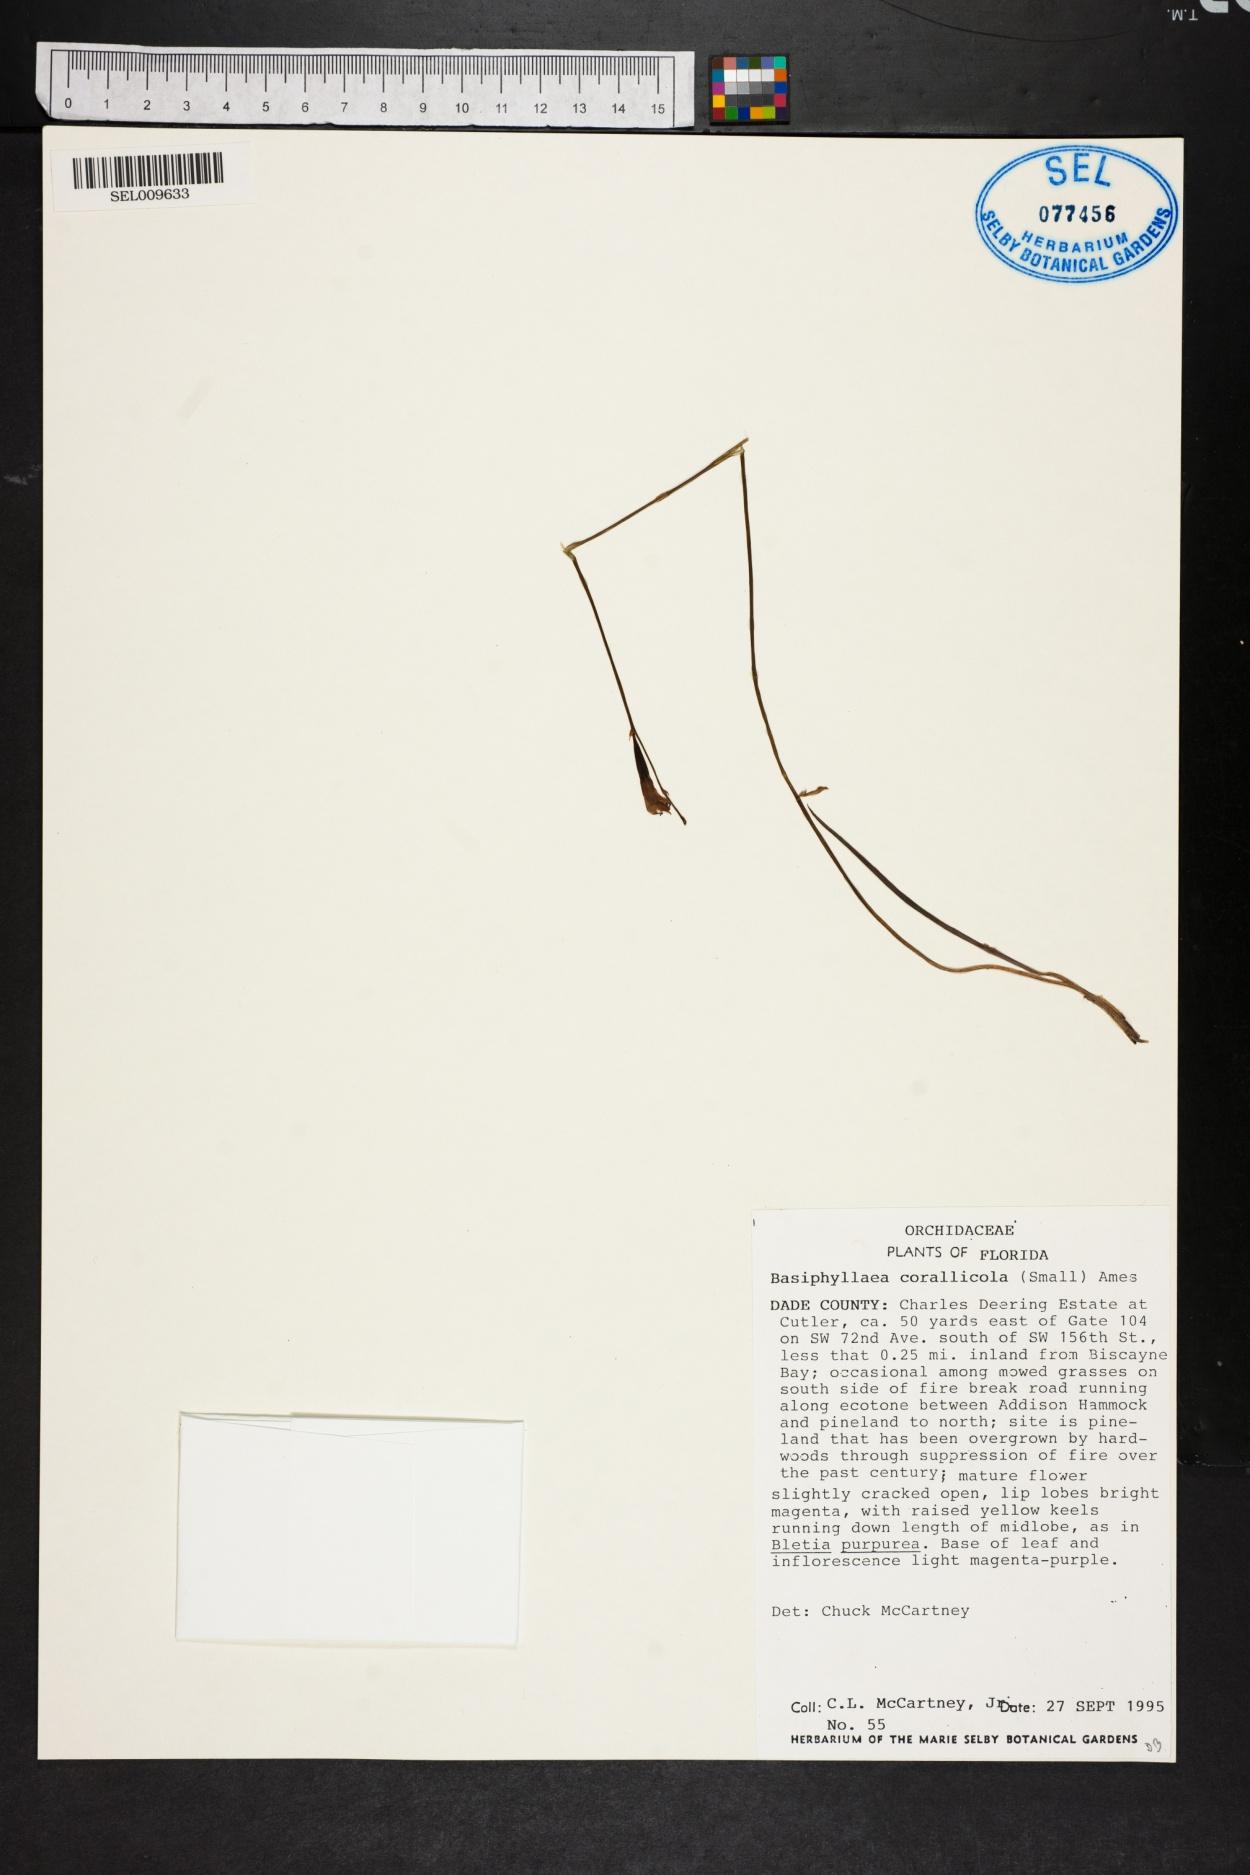 Basiphyllaea corallicola image